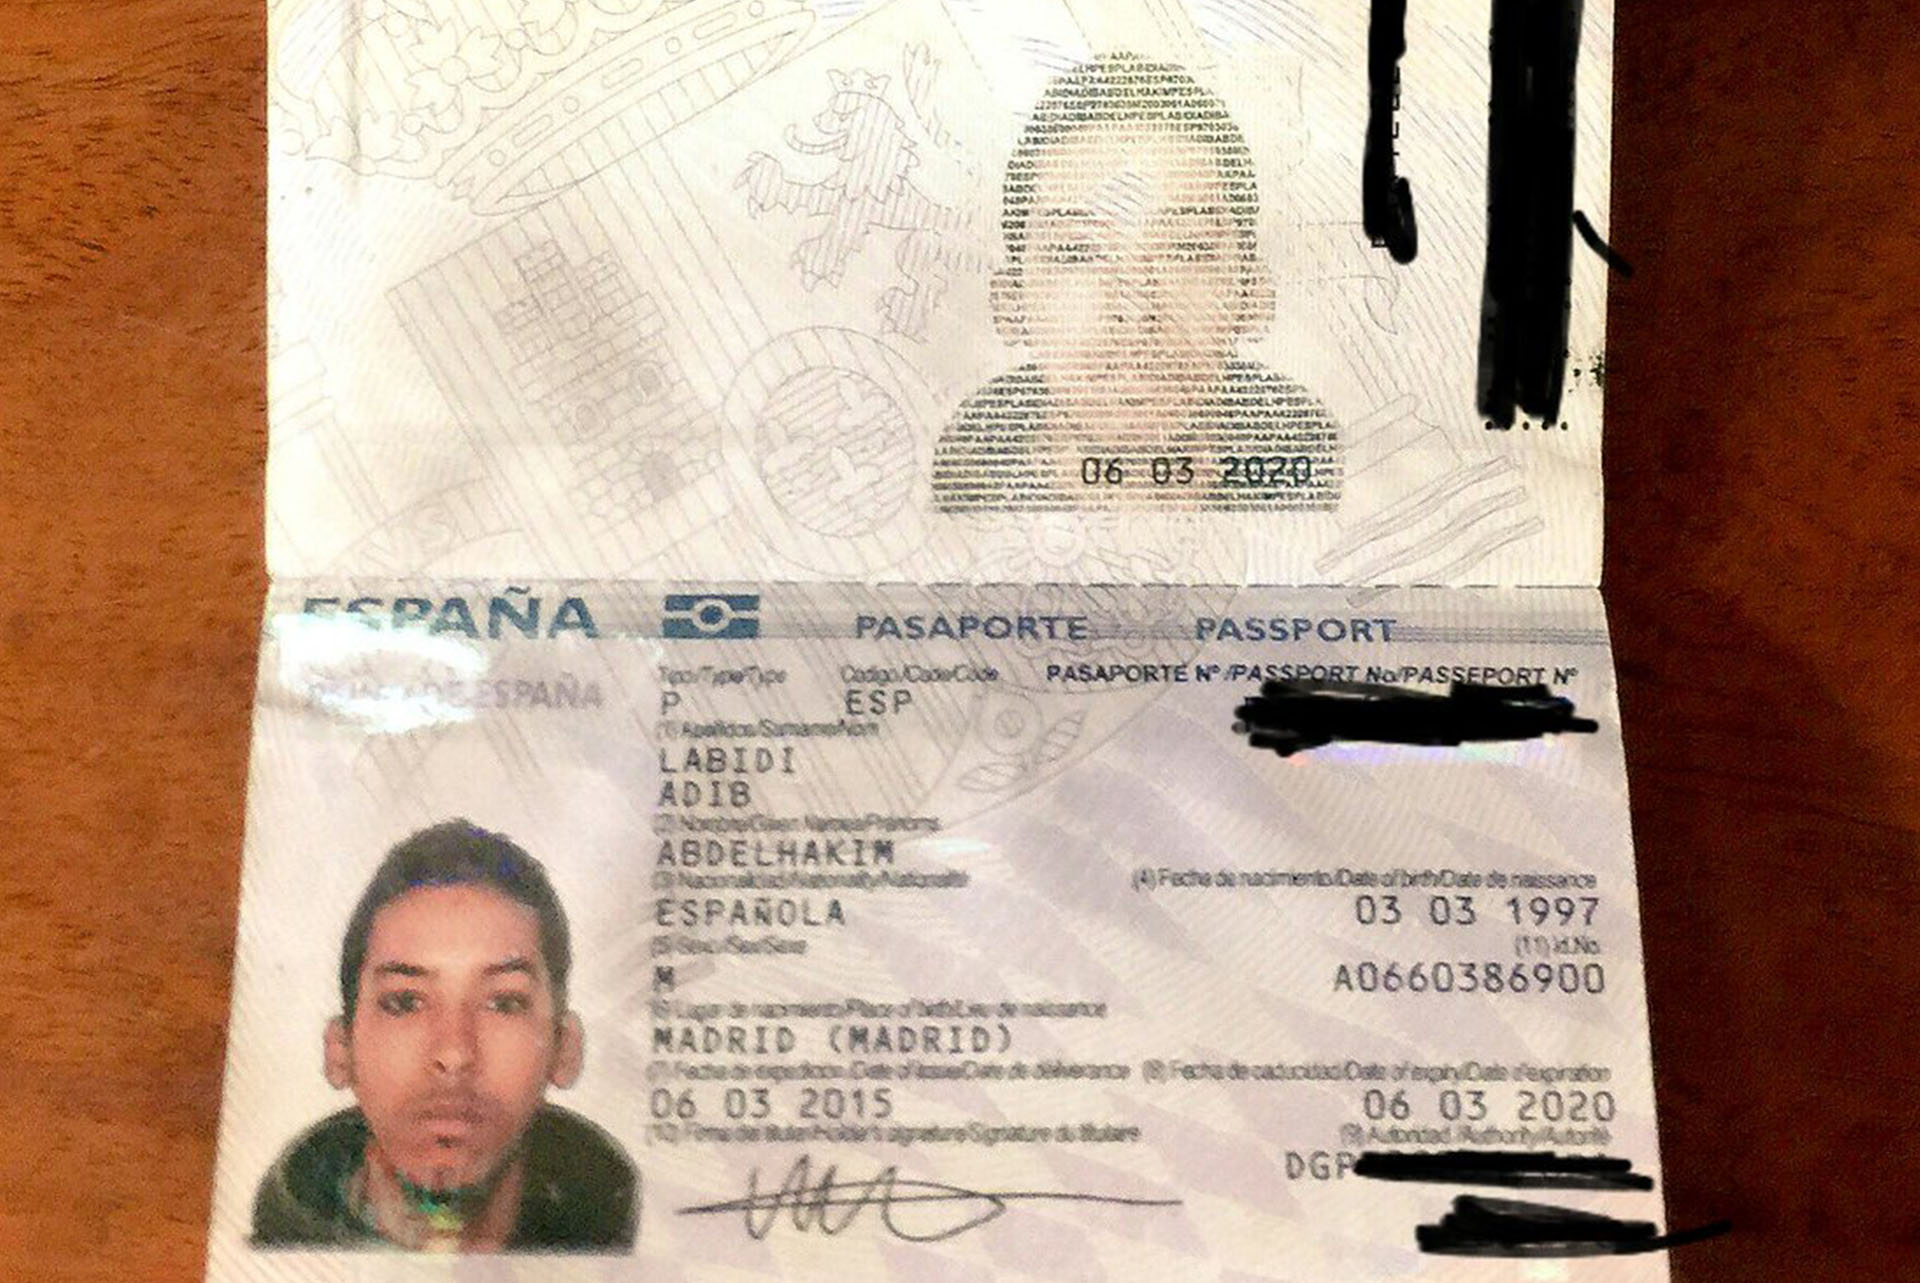 El pasaporte español hallado en su poder (@Undercover_Camo)